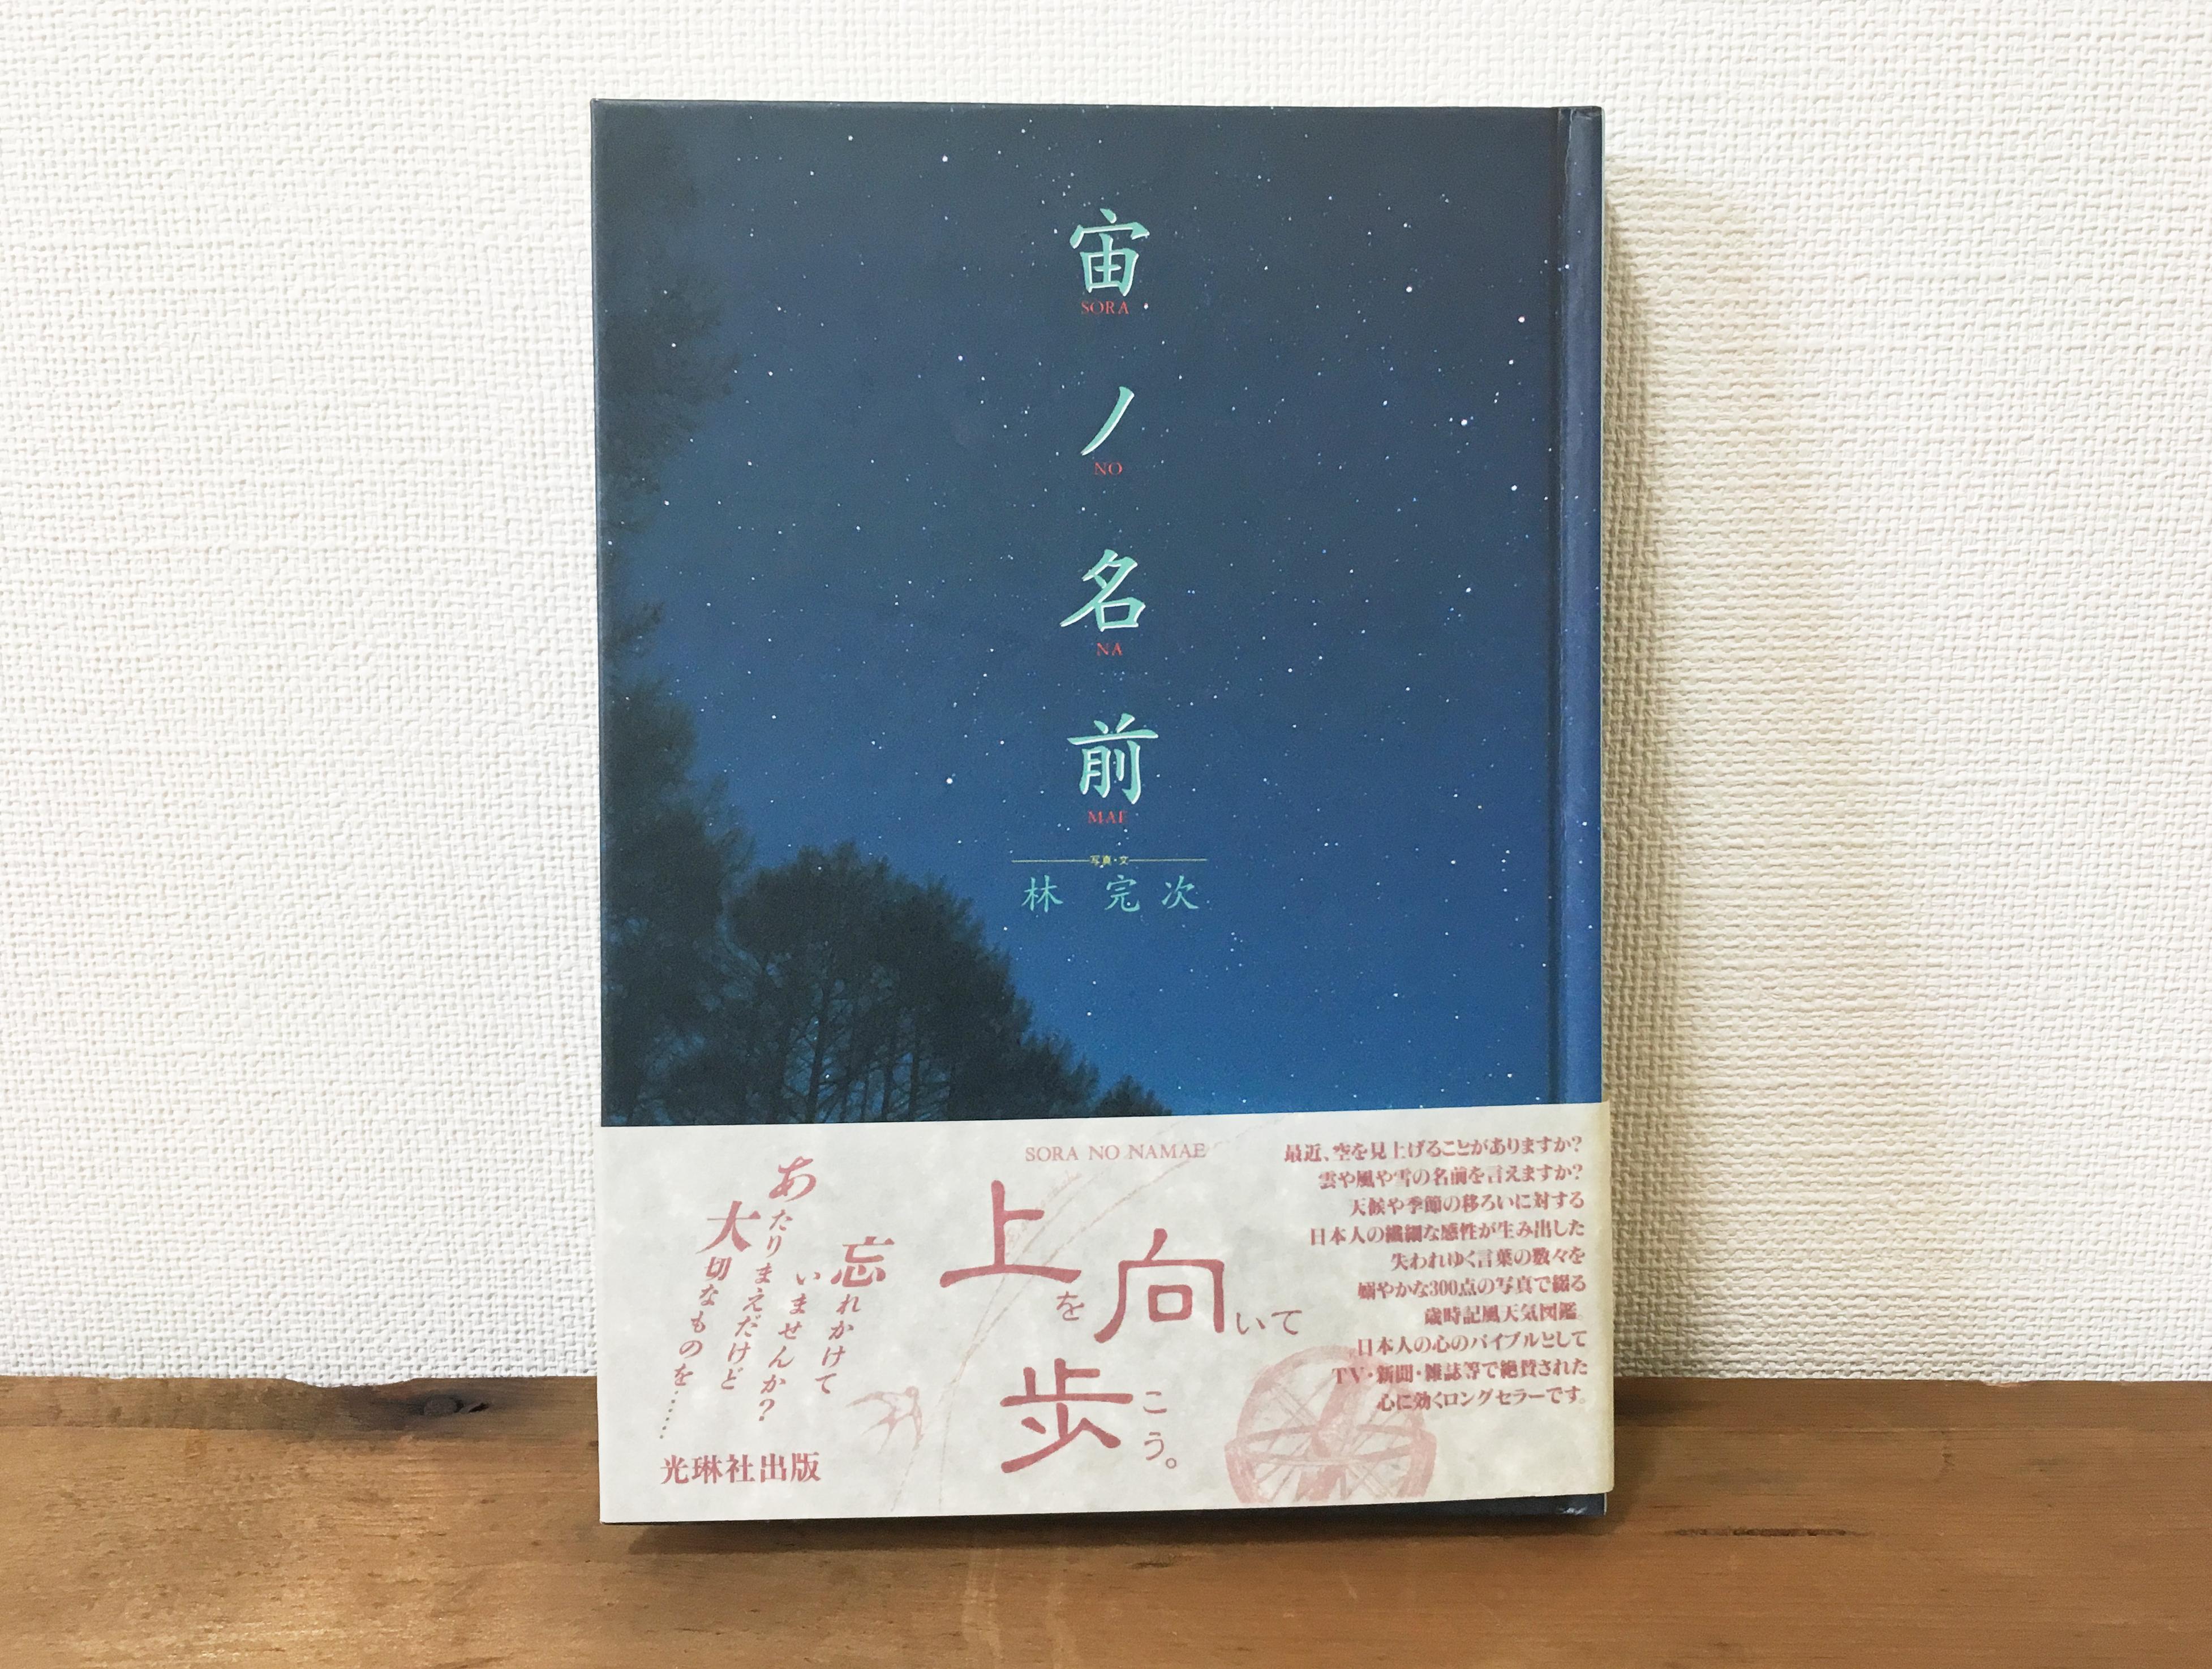 [古本]宙ノ名前 / 林 完次